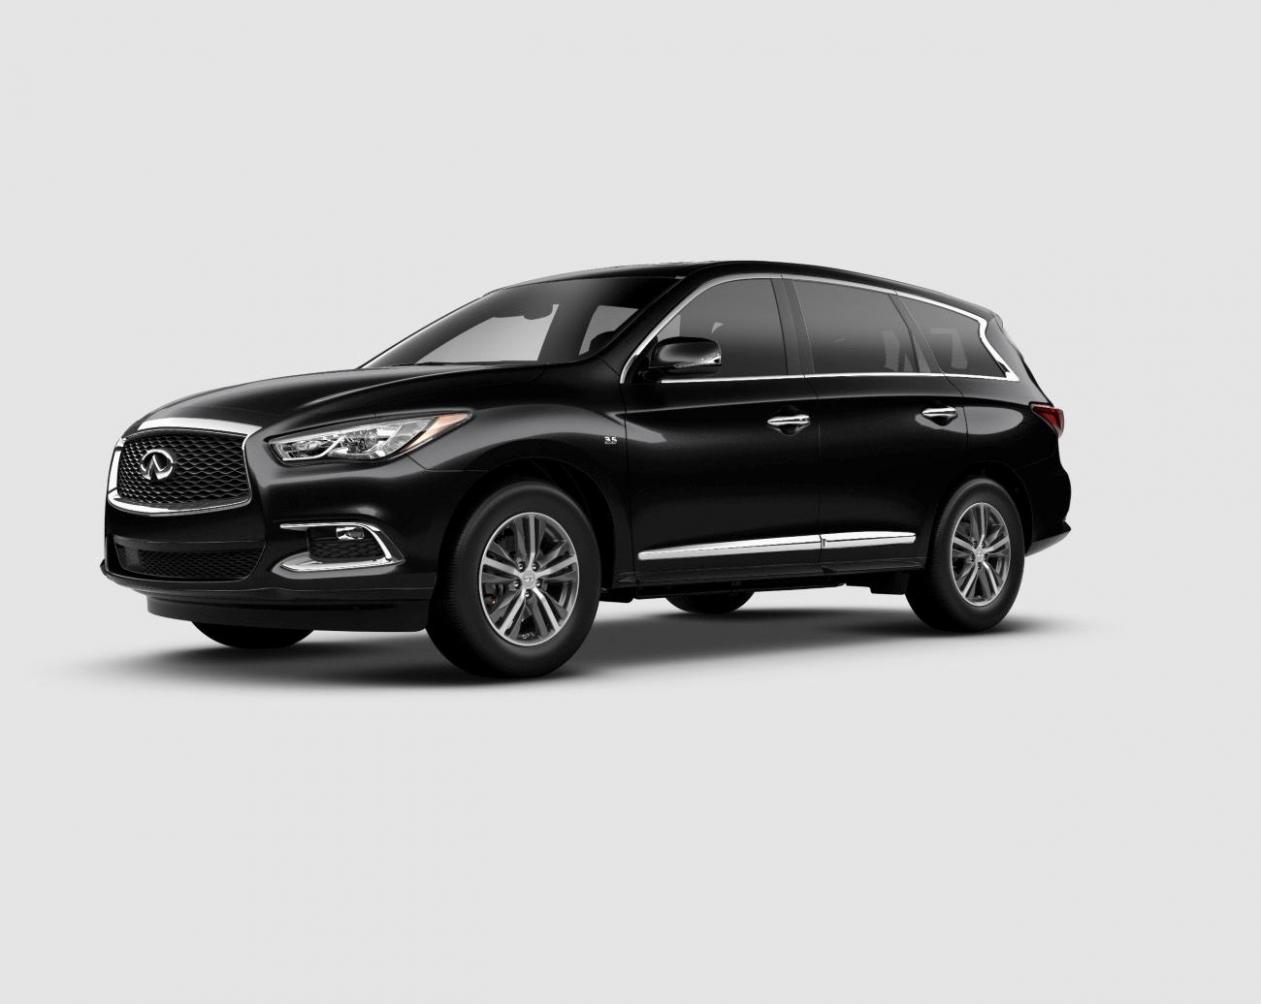 7 Image Infiniti Ex35 2020 Lexus Luxury Car Brands Infiniti Ex